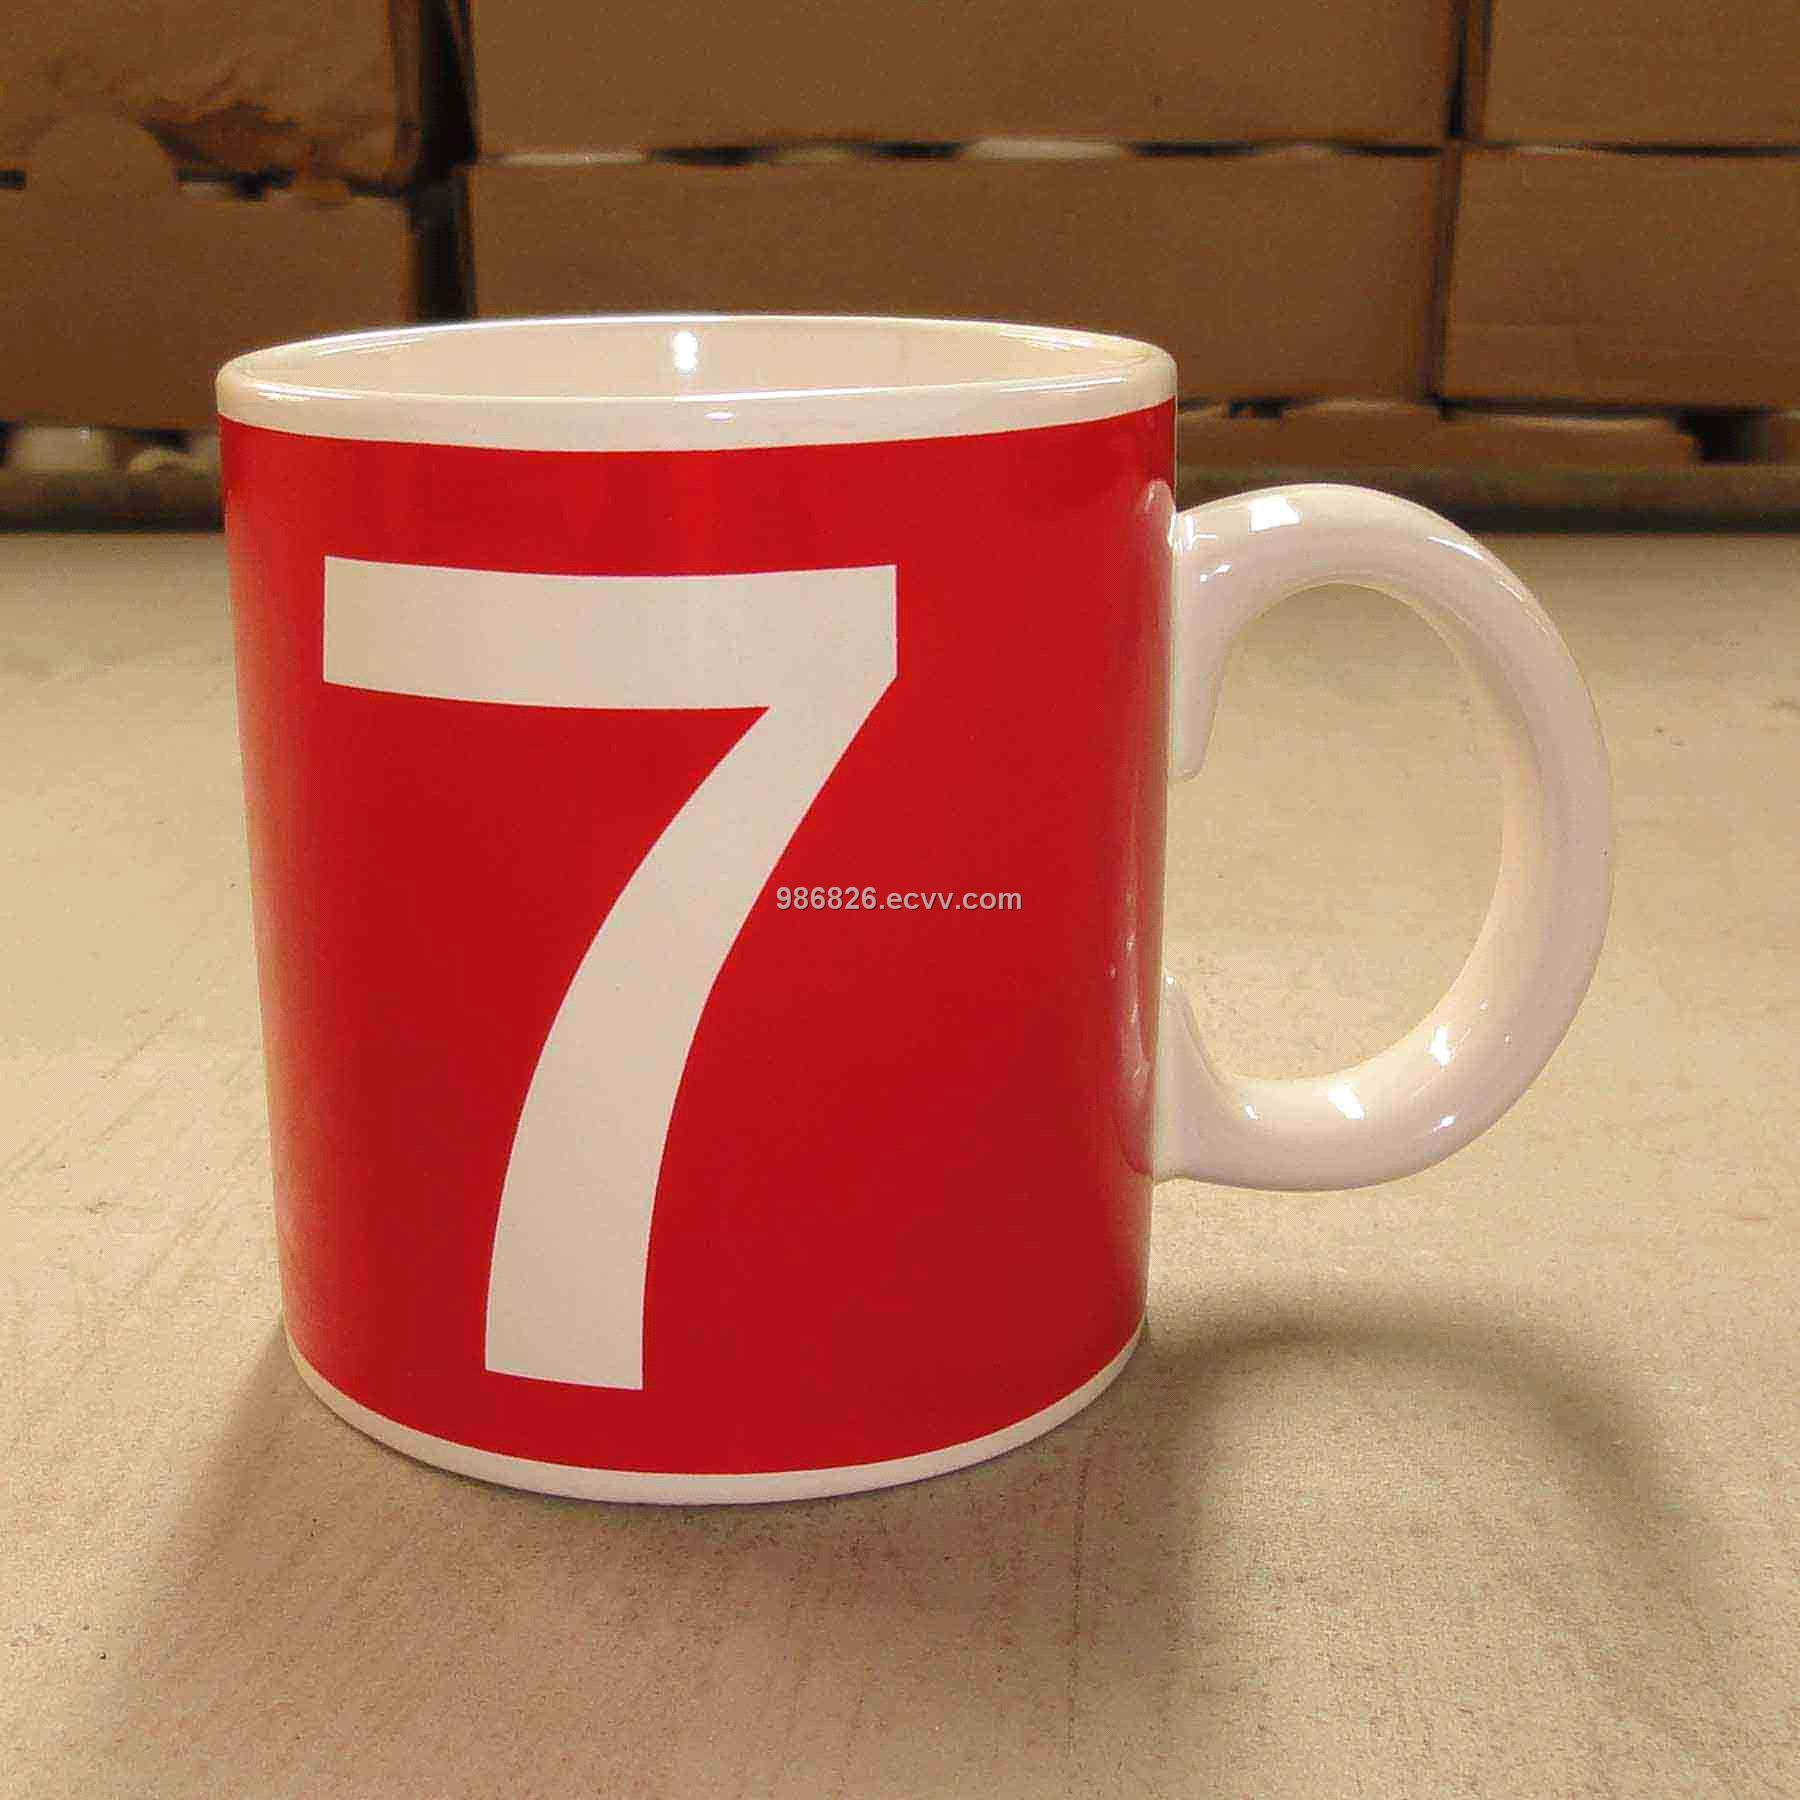 Capacity of a mug